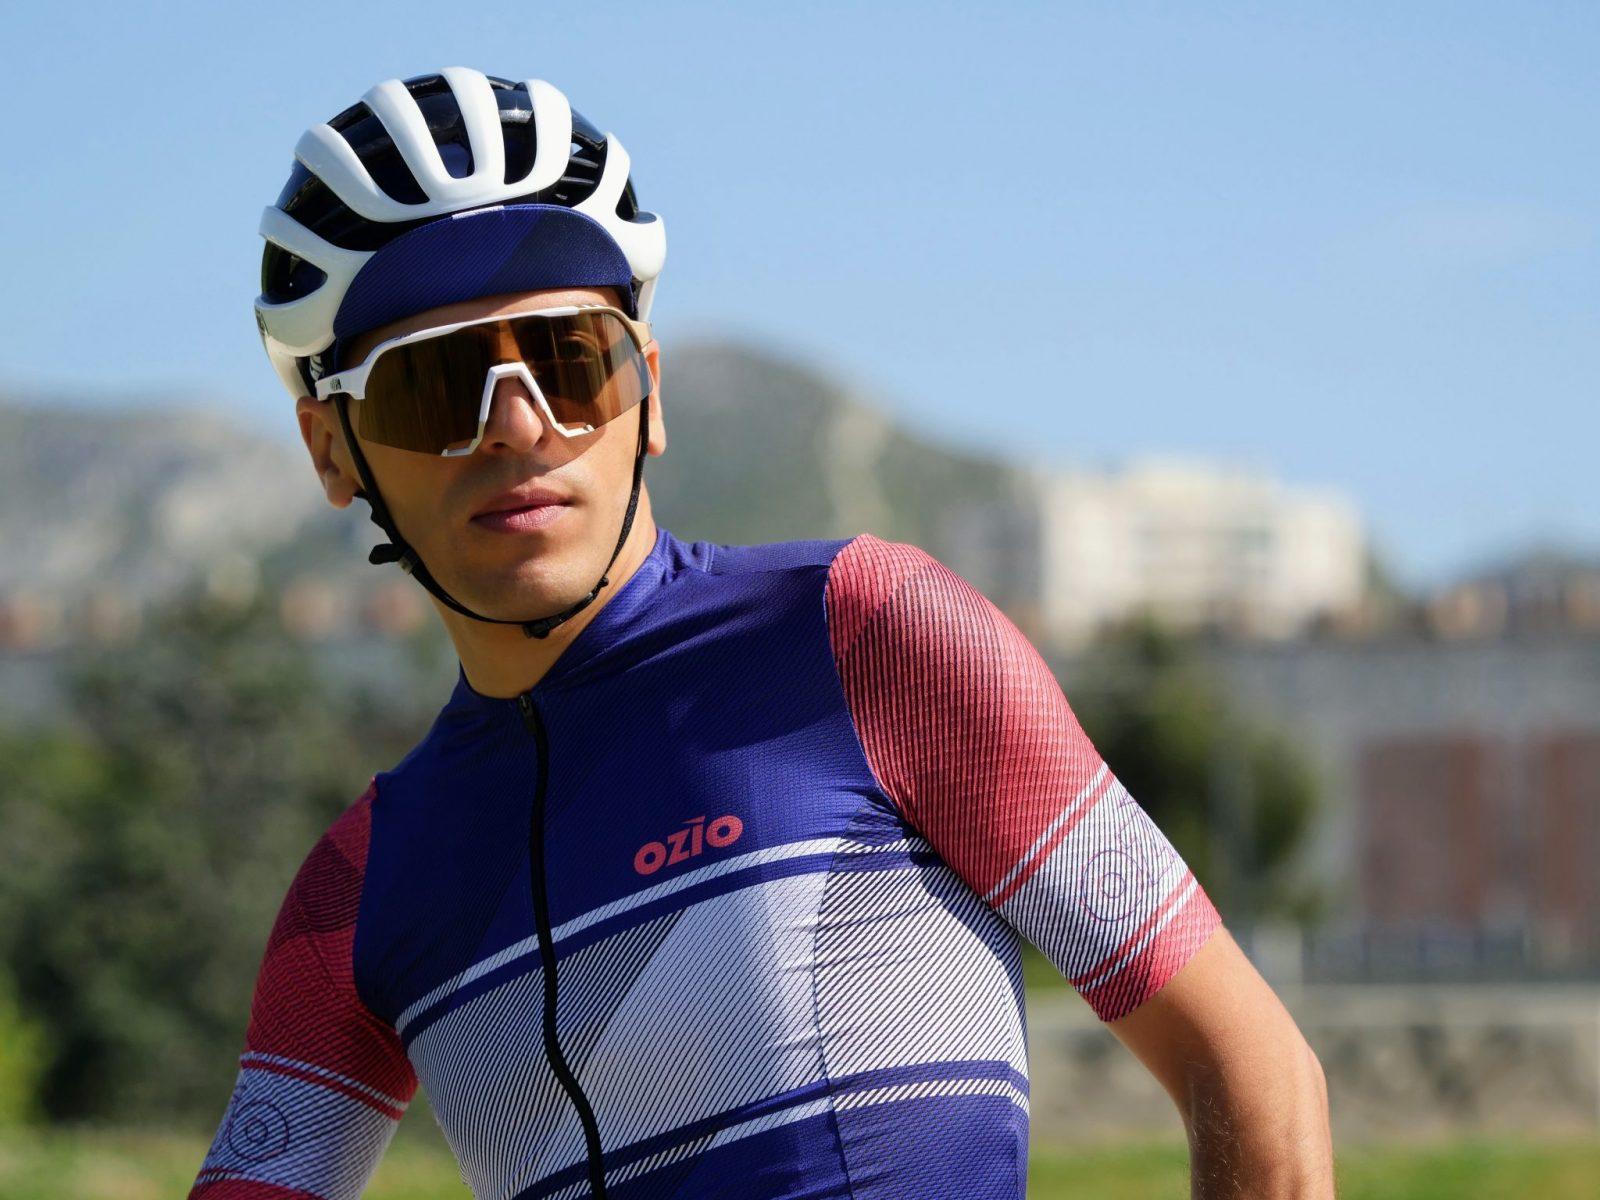 Cycliste casquette bleue